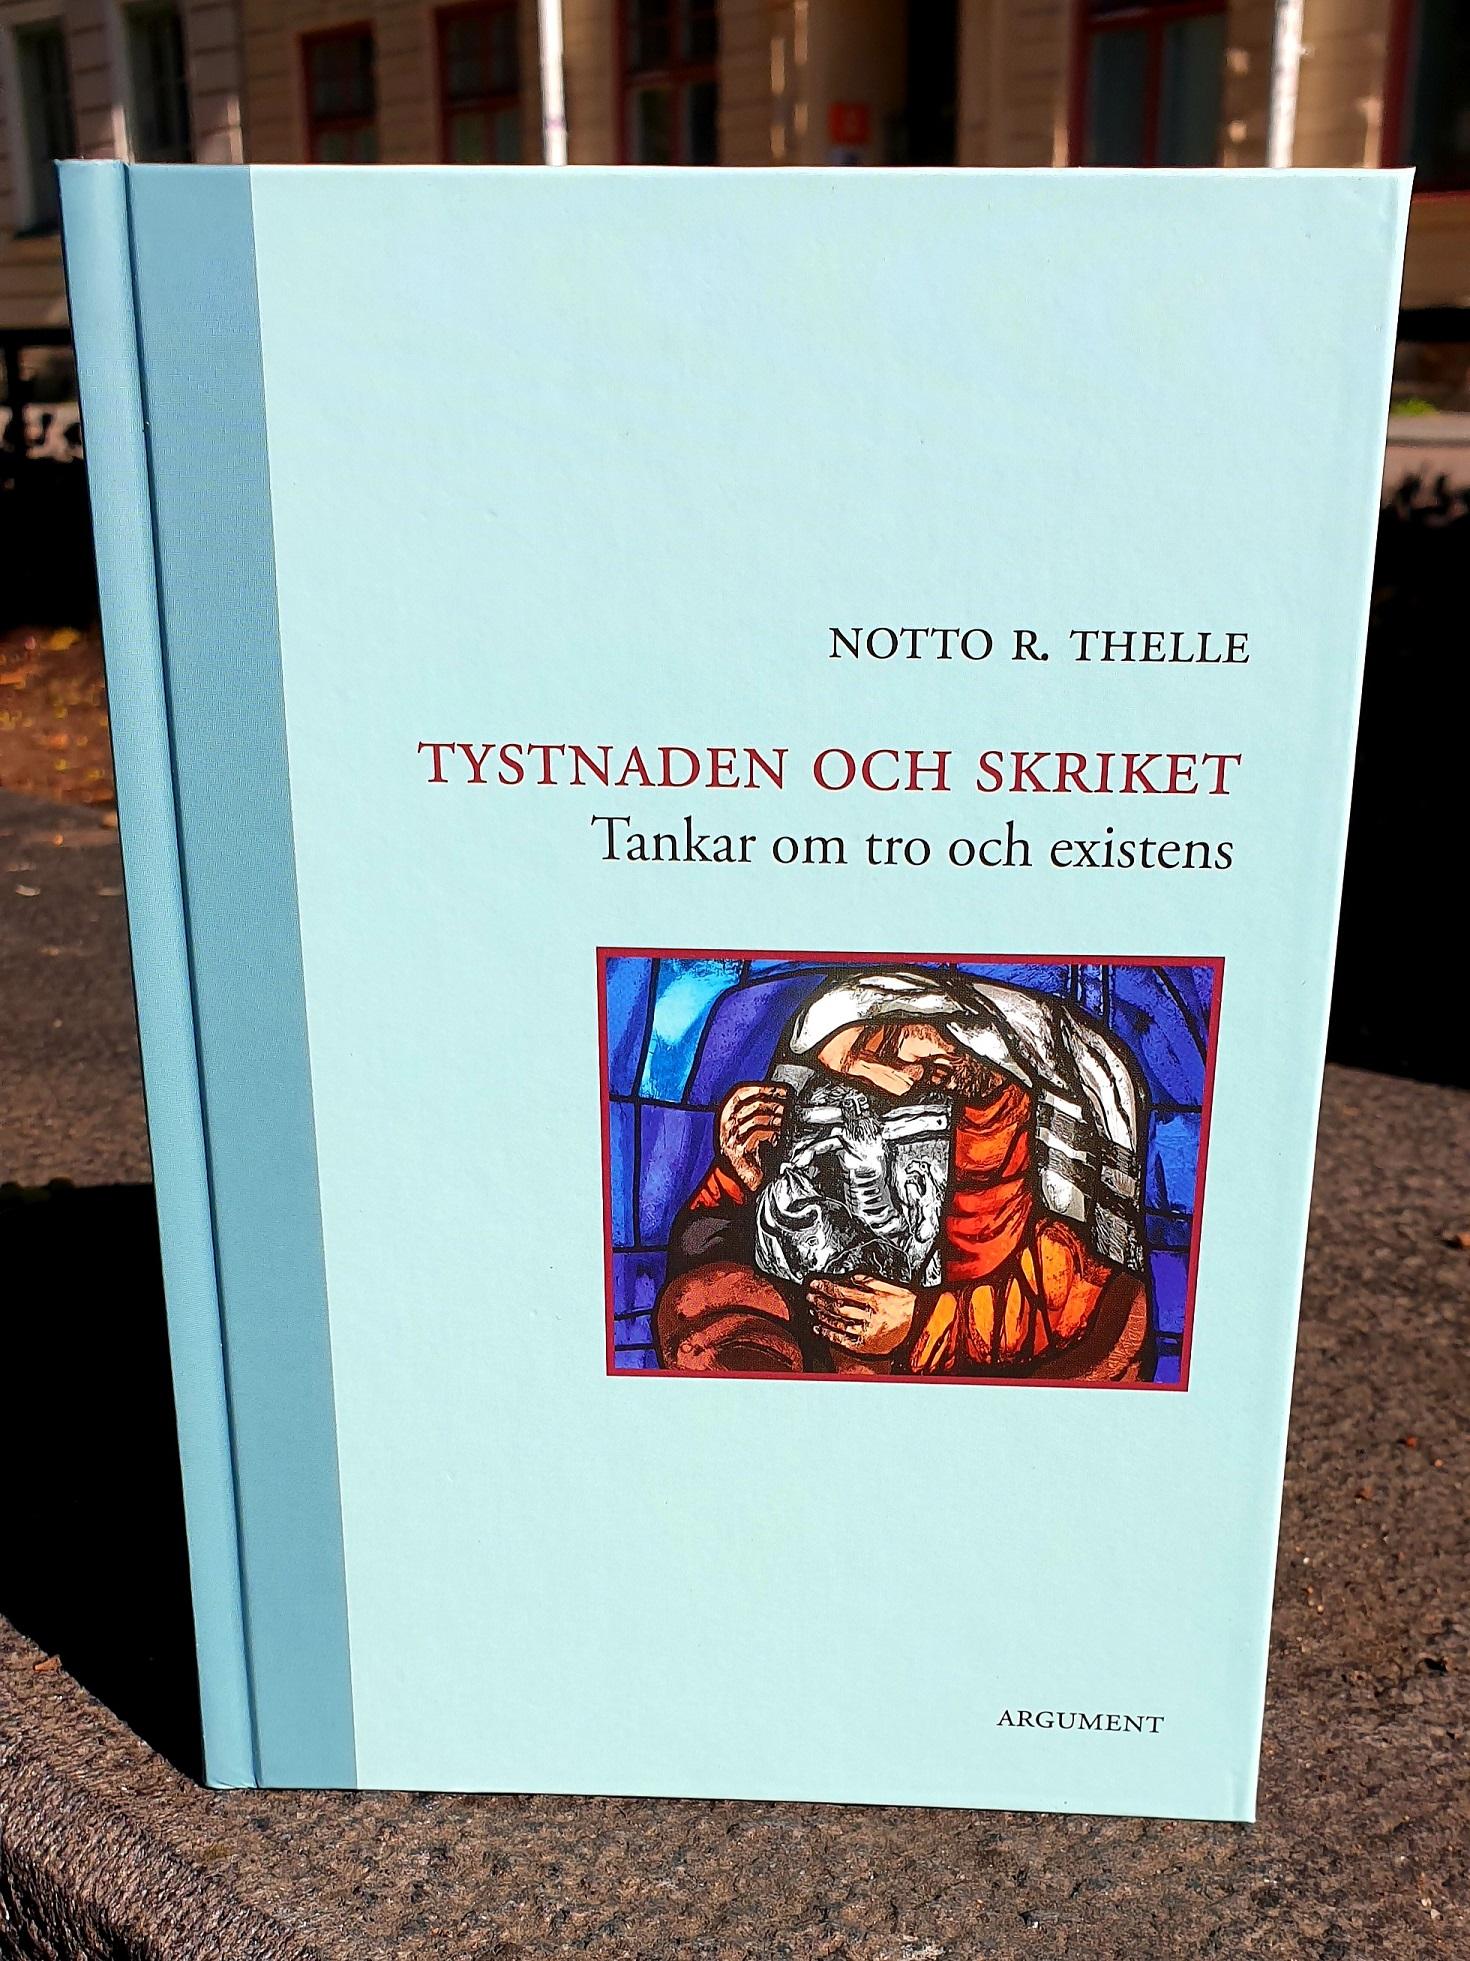 Tystnaden och skriket artikelnummer 2551 via bibelbutiken.se